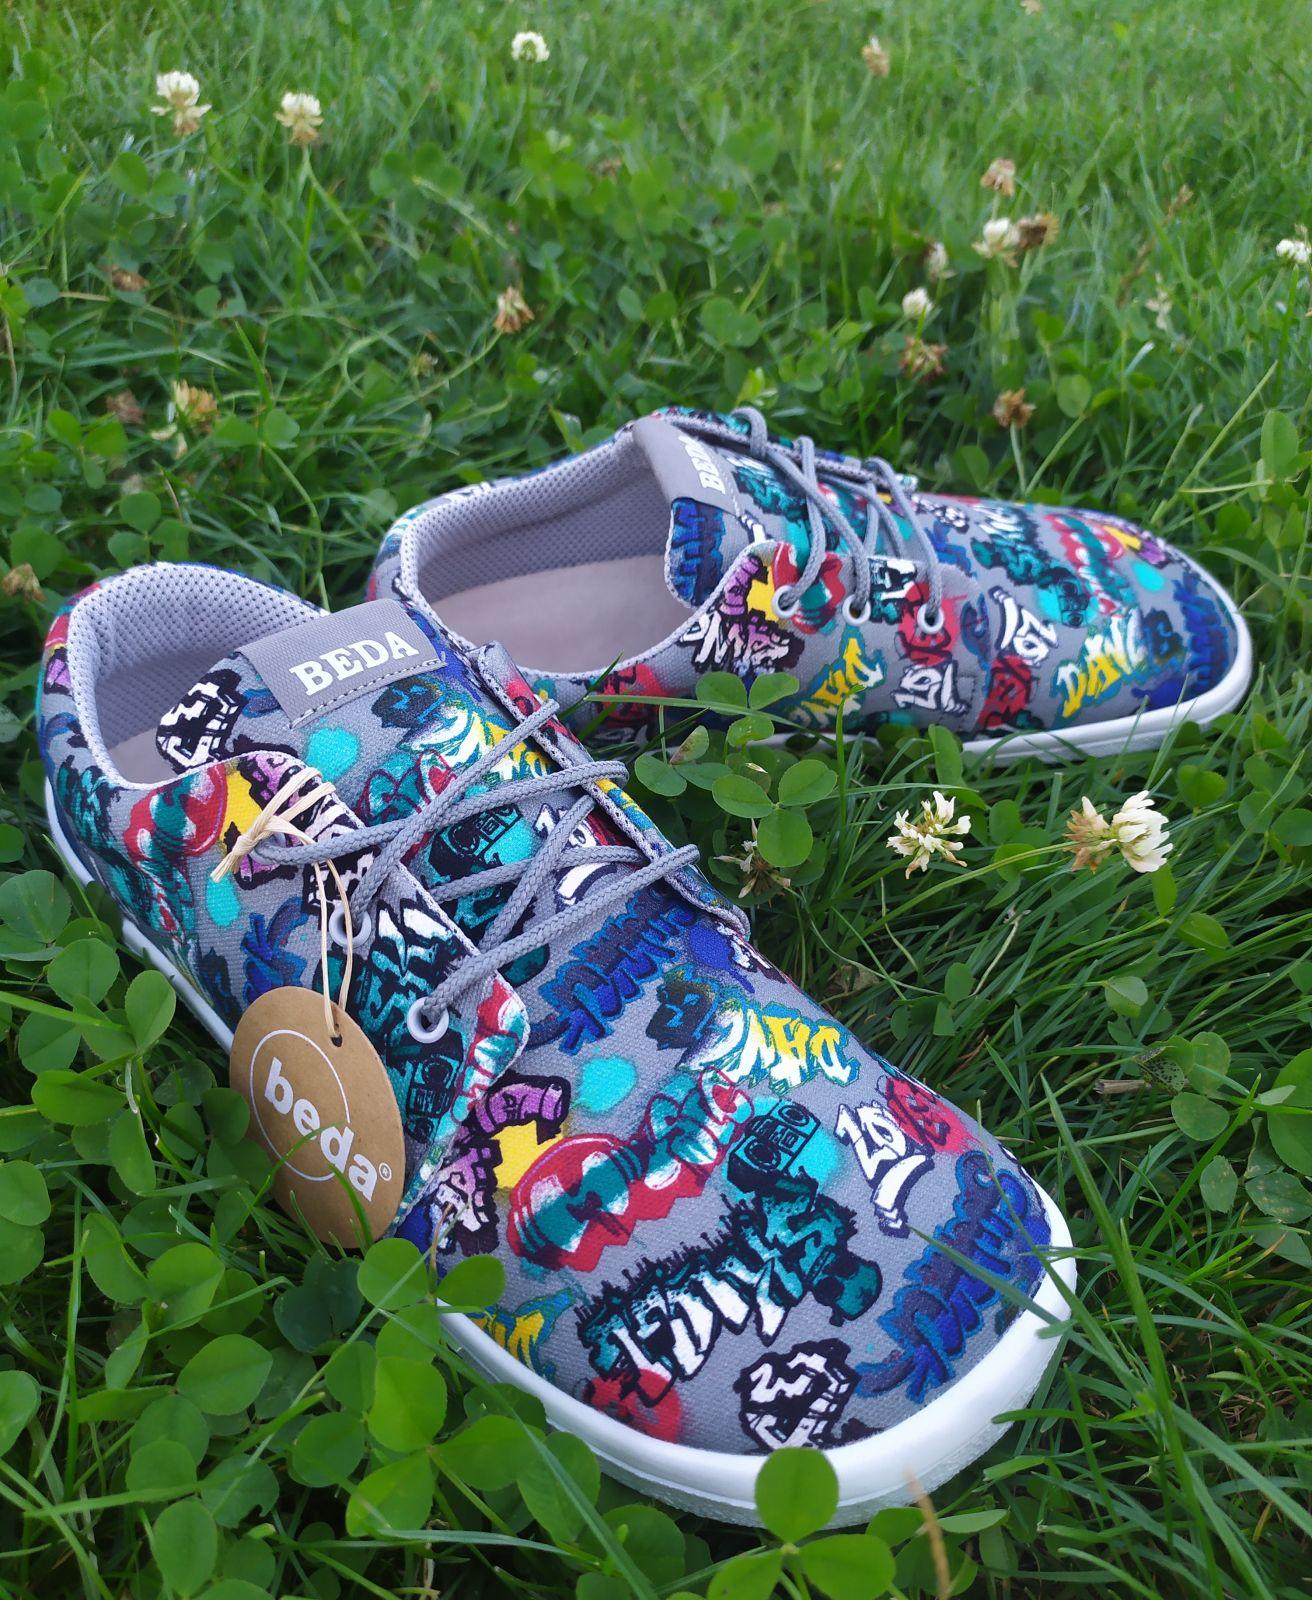 Barefoot Beda barefoot textilní tenisky grafitti - tkaničky bosá